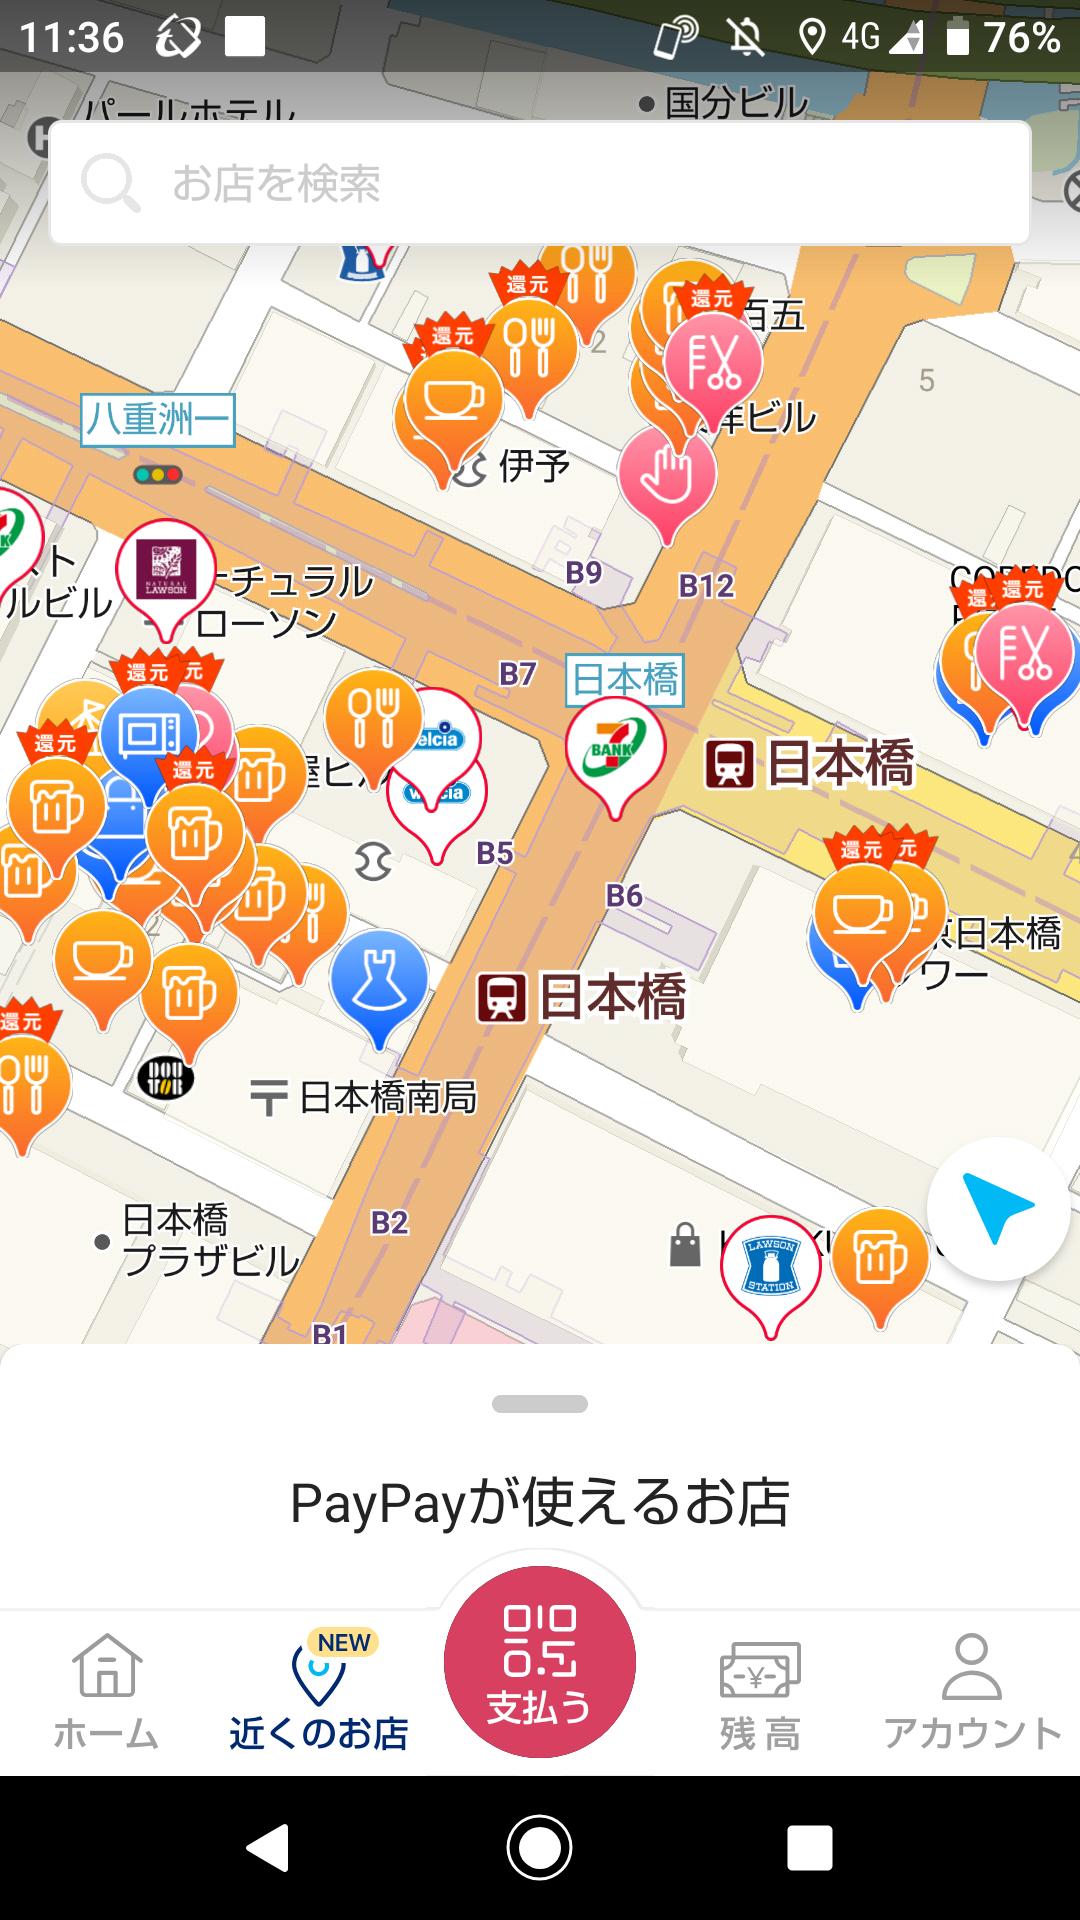 PayPayアプリ上のマップ